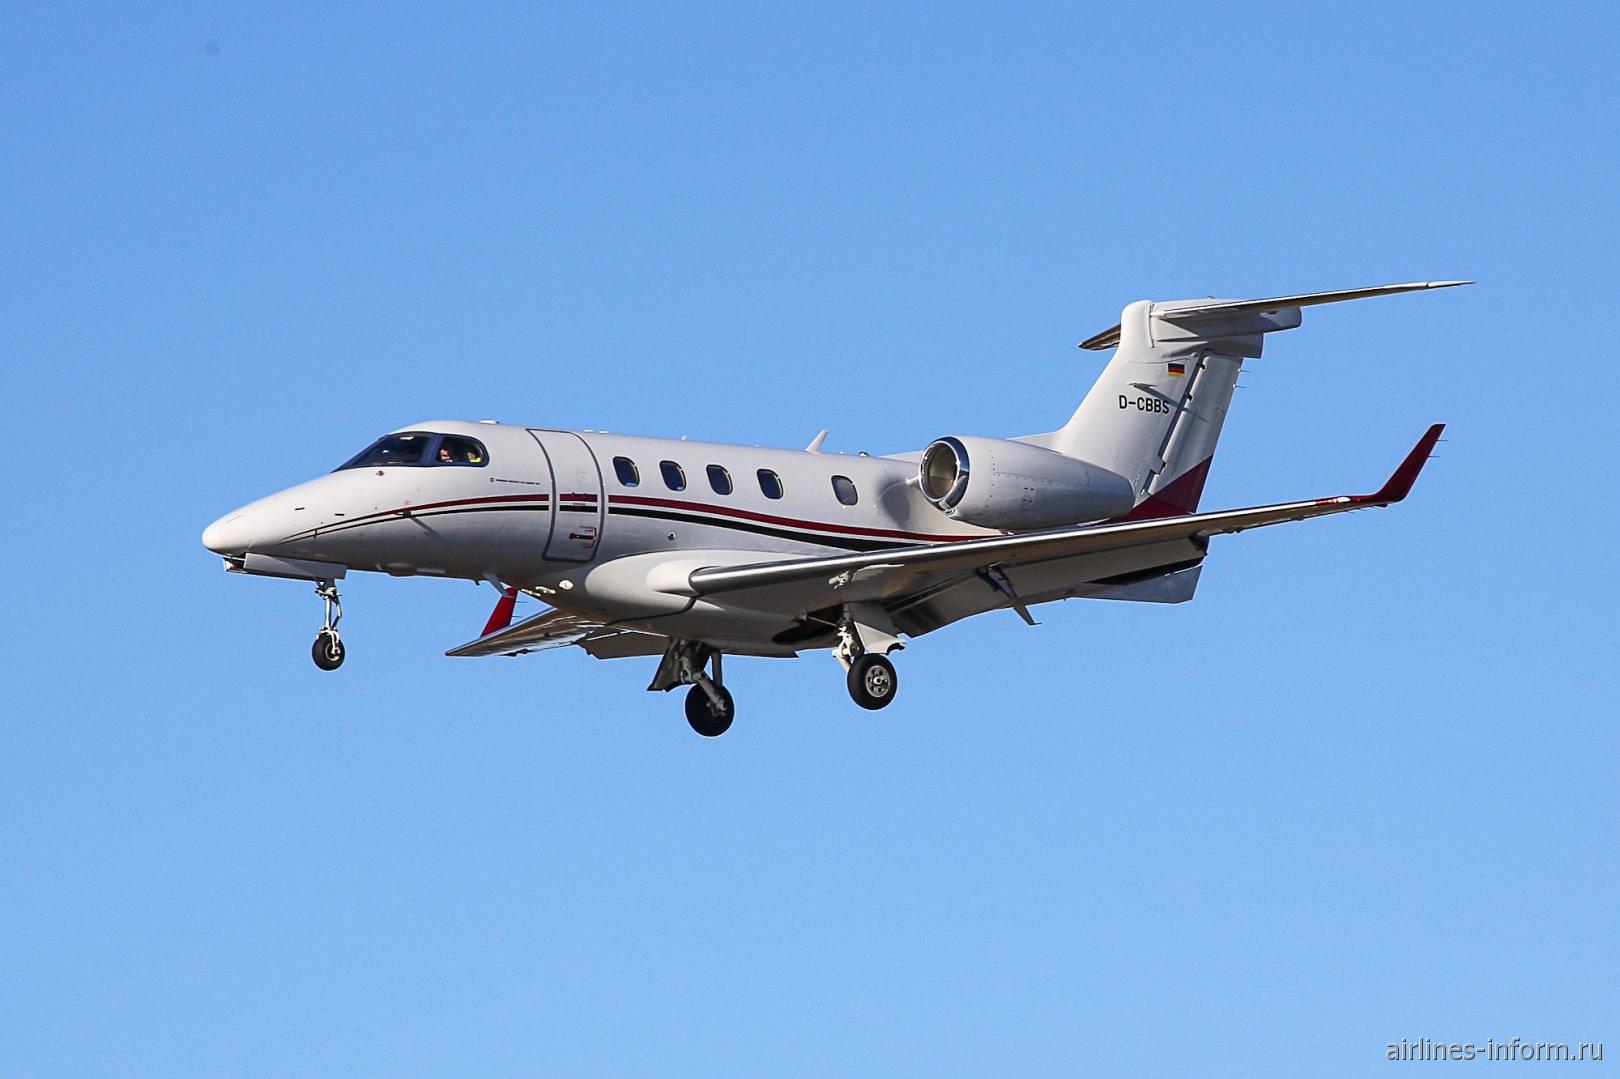 Бизнес-джет Embraer Phenom 300 с бортовым номером D-CBBS